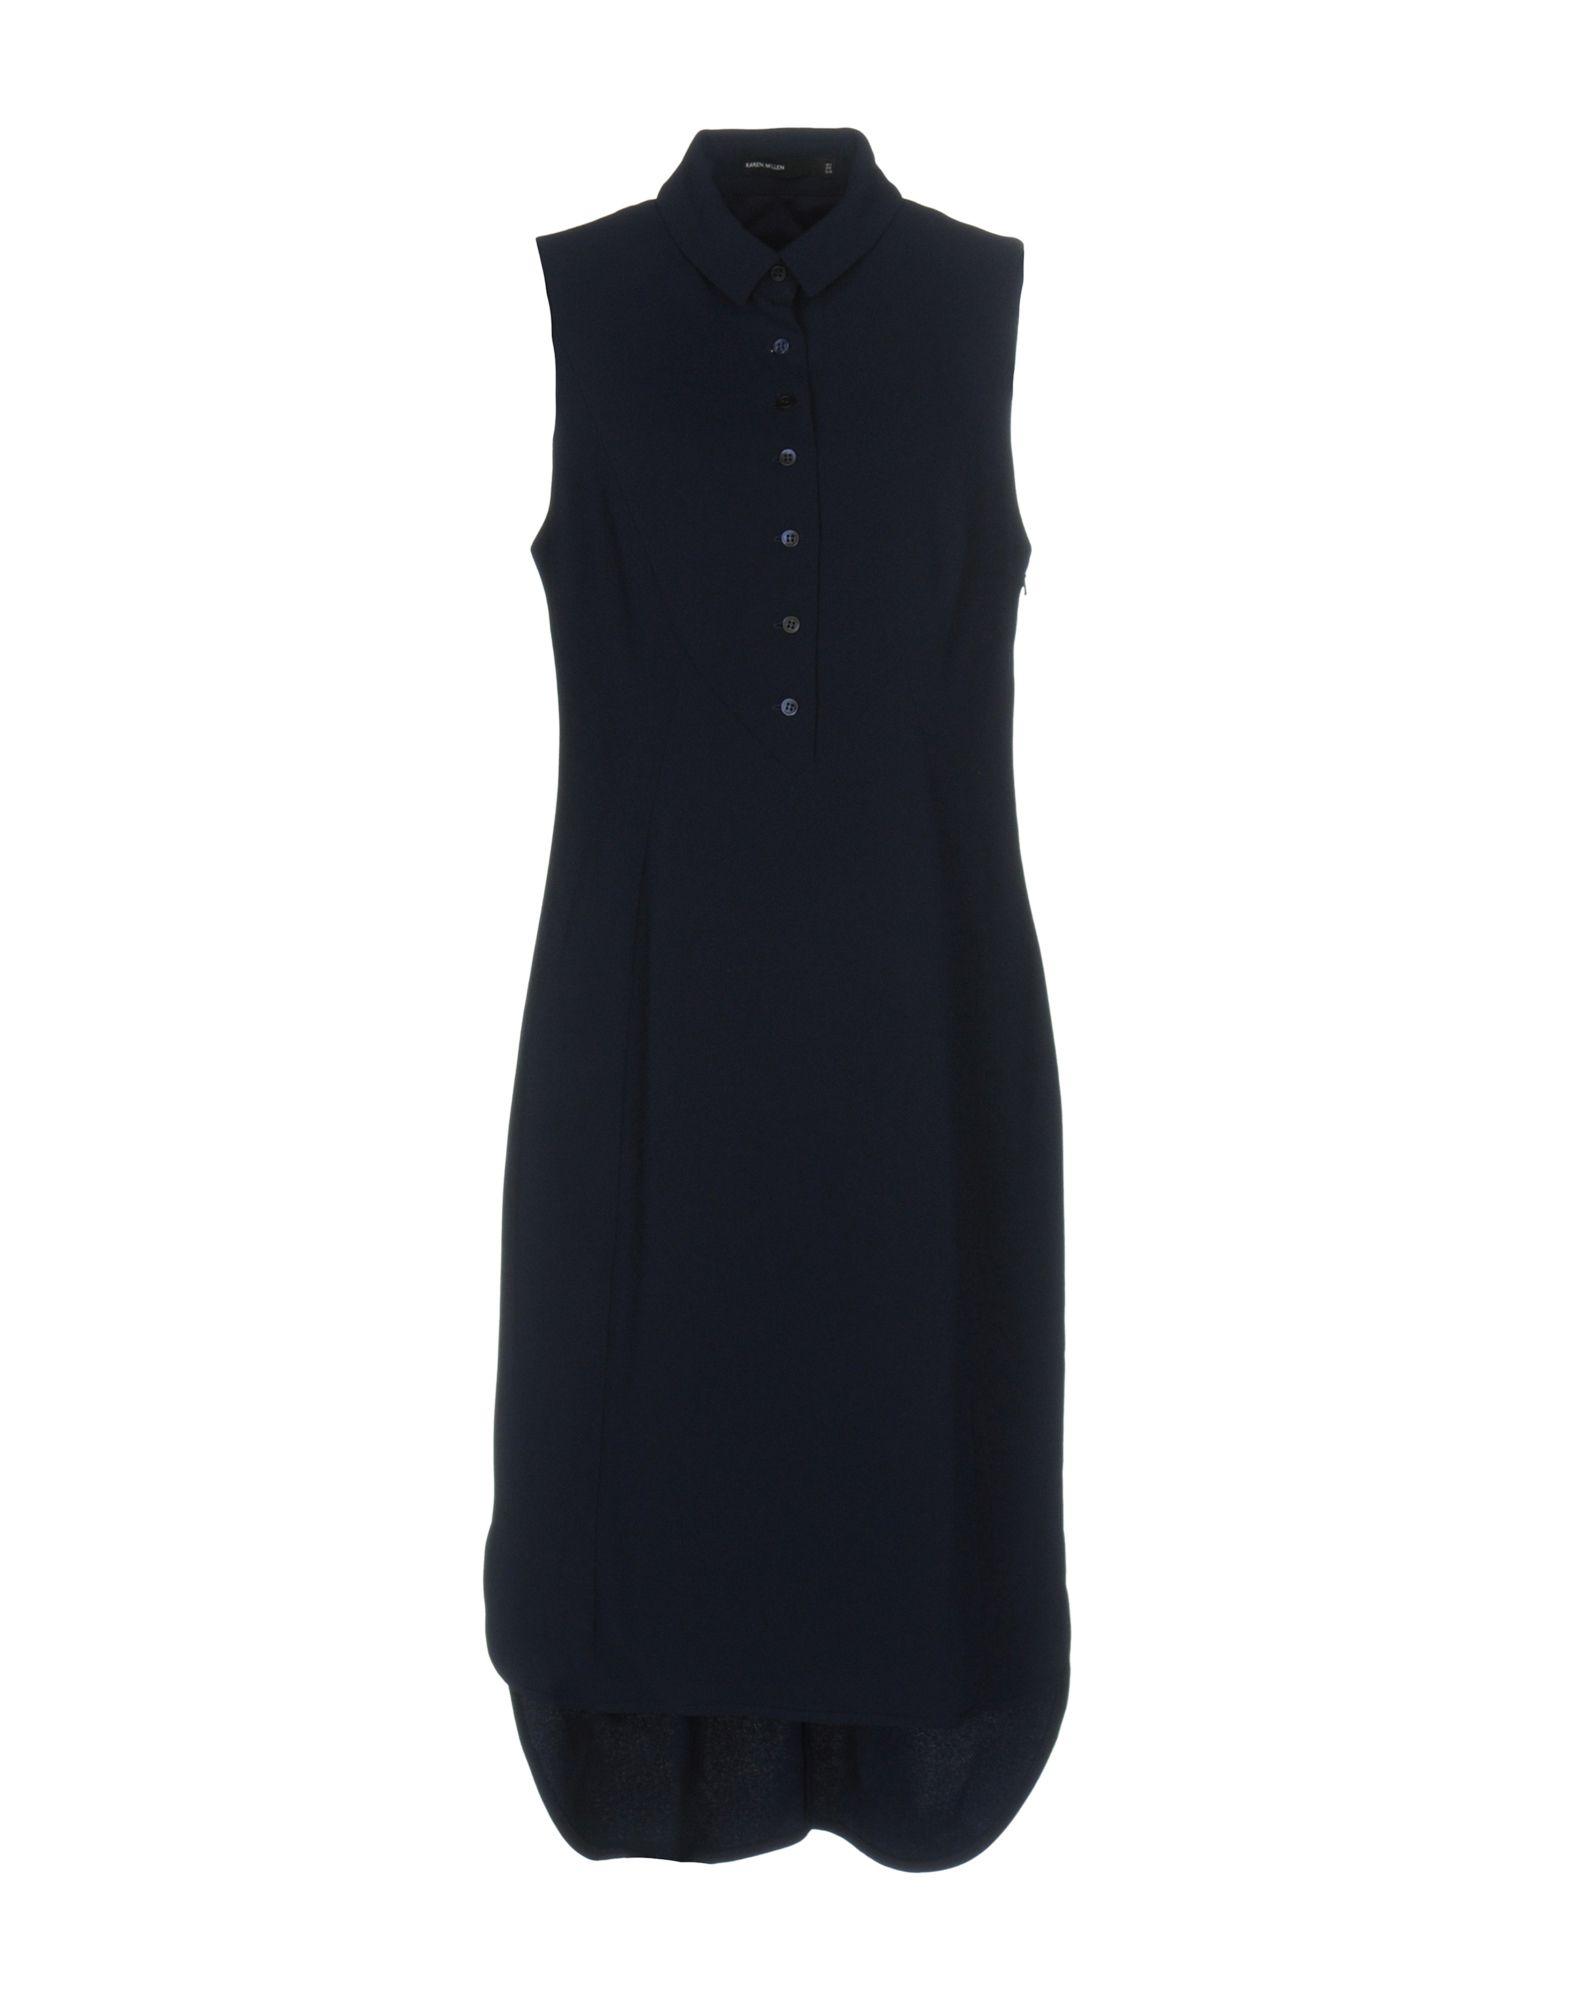 цены на KAREN MILLEN Платье до колена в интернет-магазинах